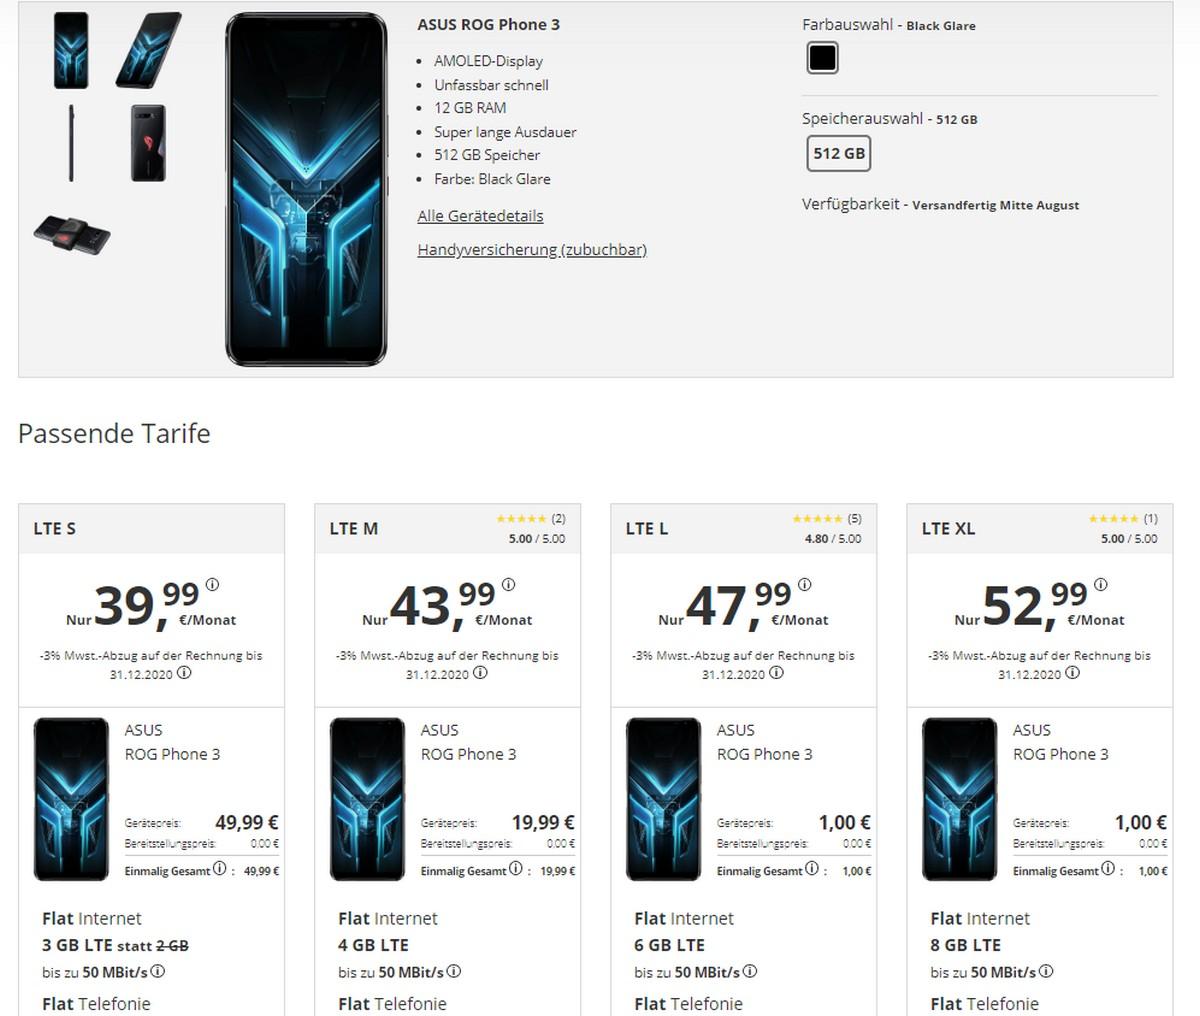 Drillisch: PremiumSIM Tarif mit ASUS ROG Phone extrem günstig!